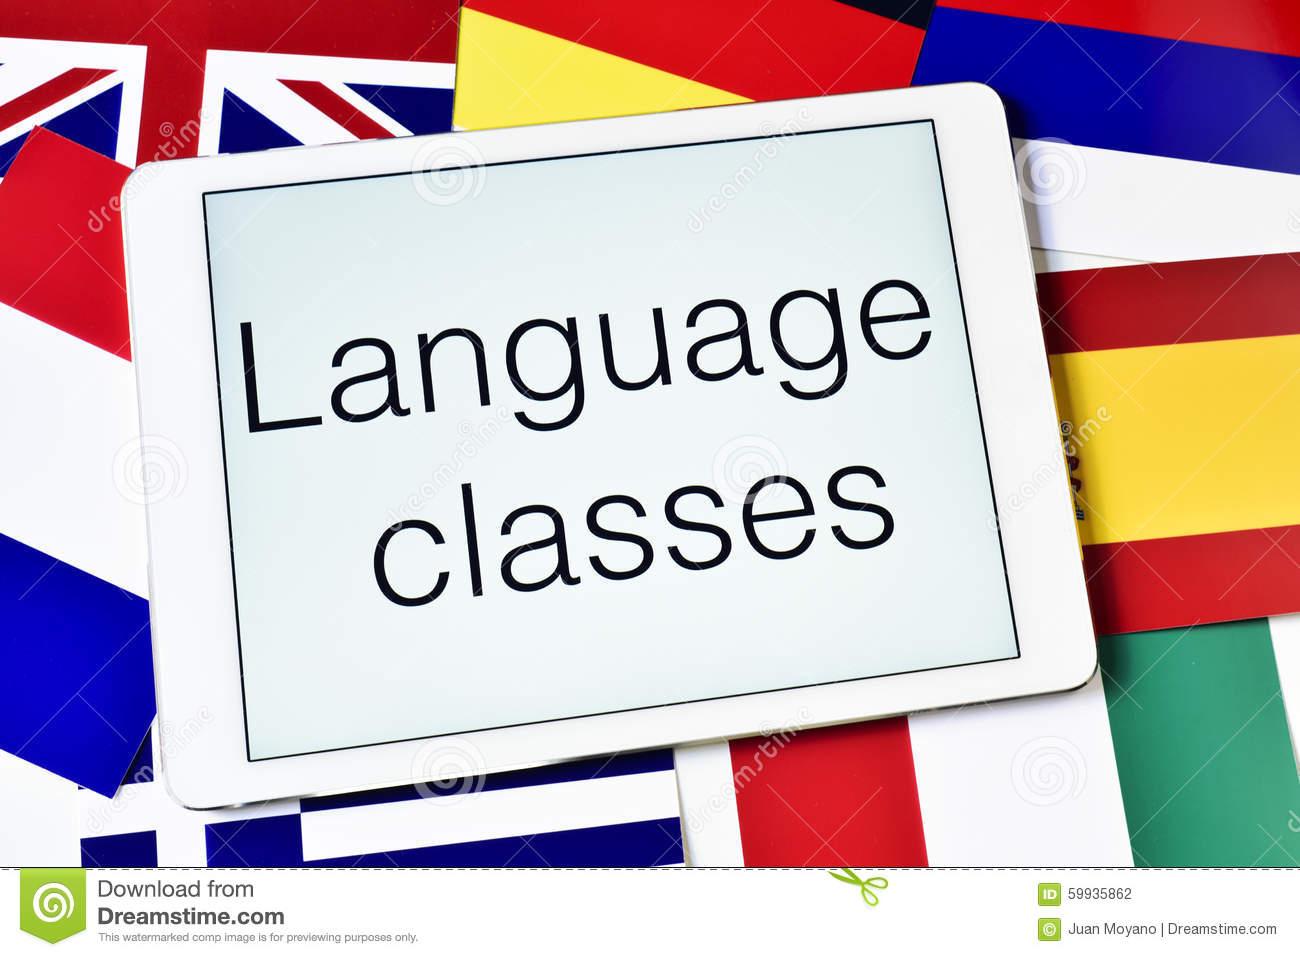 Mongolian Language Classes in Noida | Mongolian Language Course in Noida